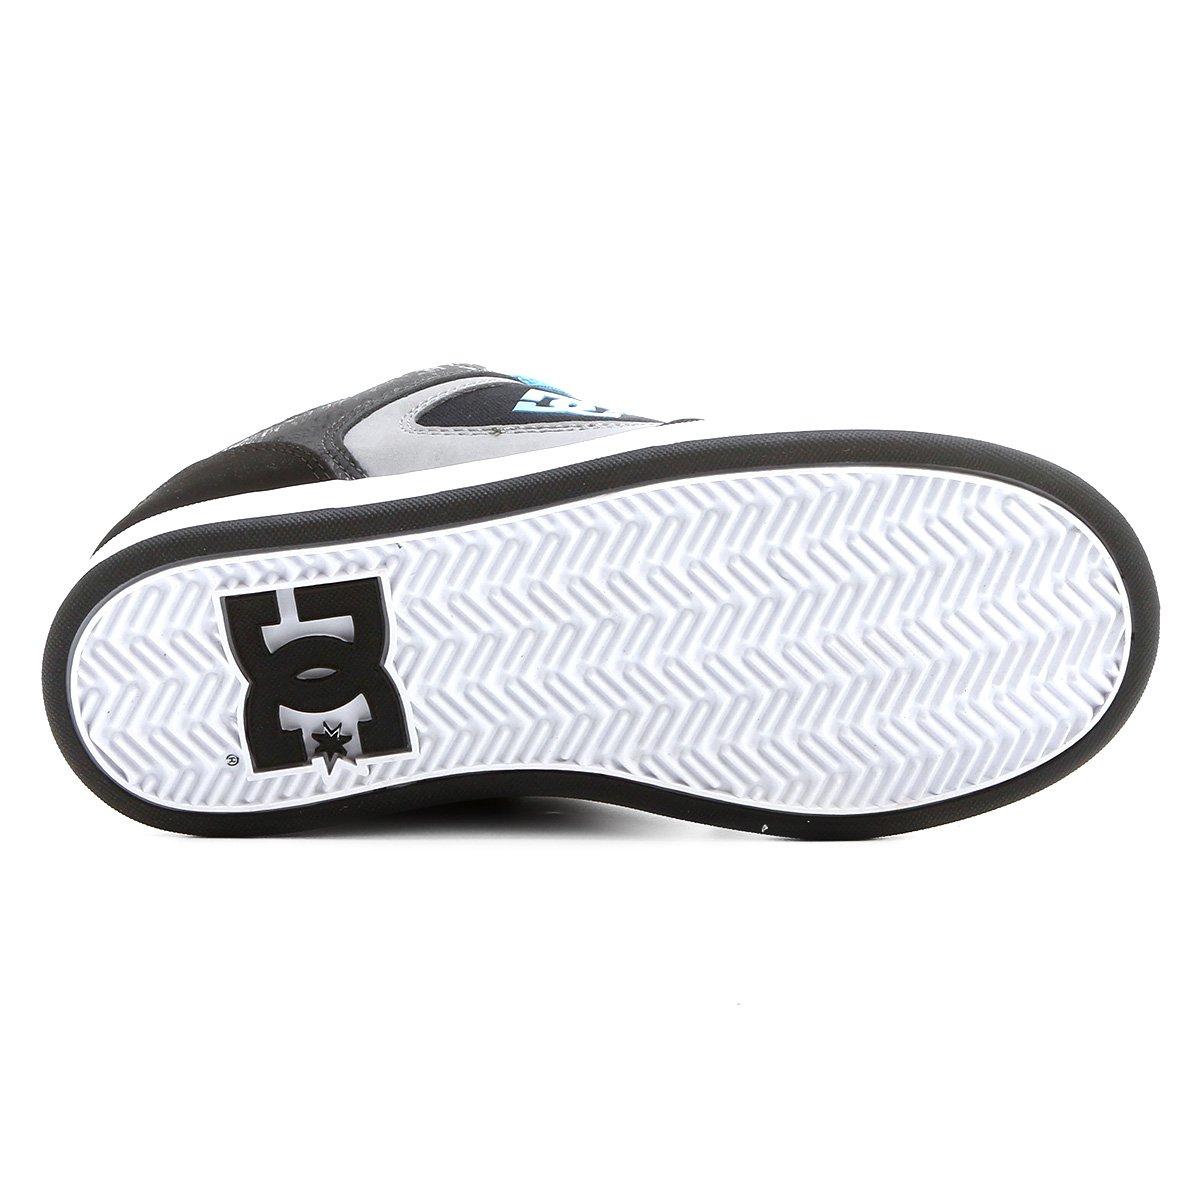 Tênis DC Shoes Union Se - Compre Agora  890ede4f42b25